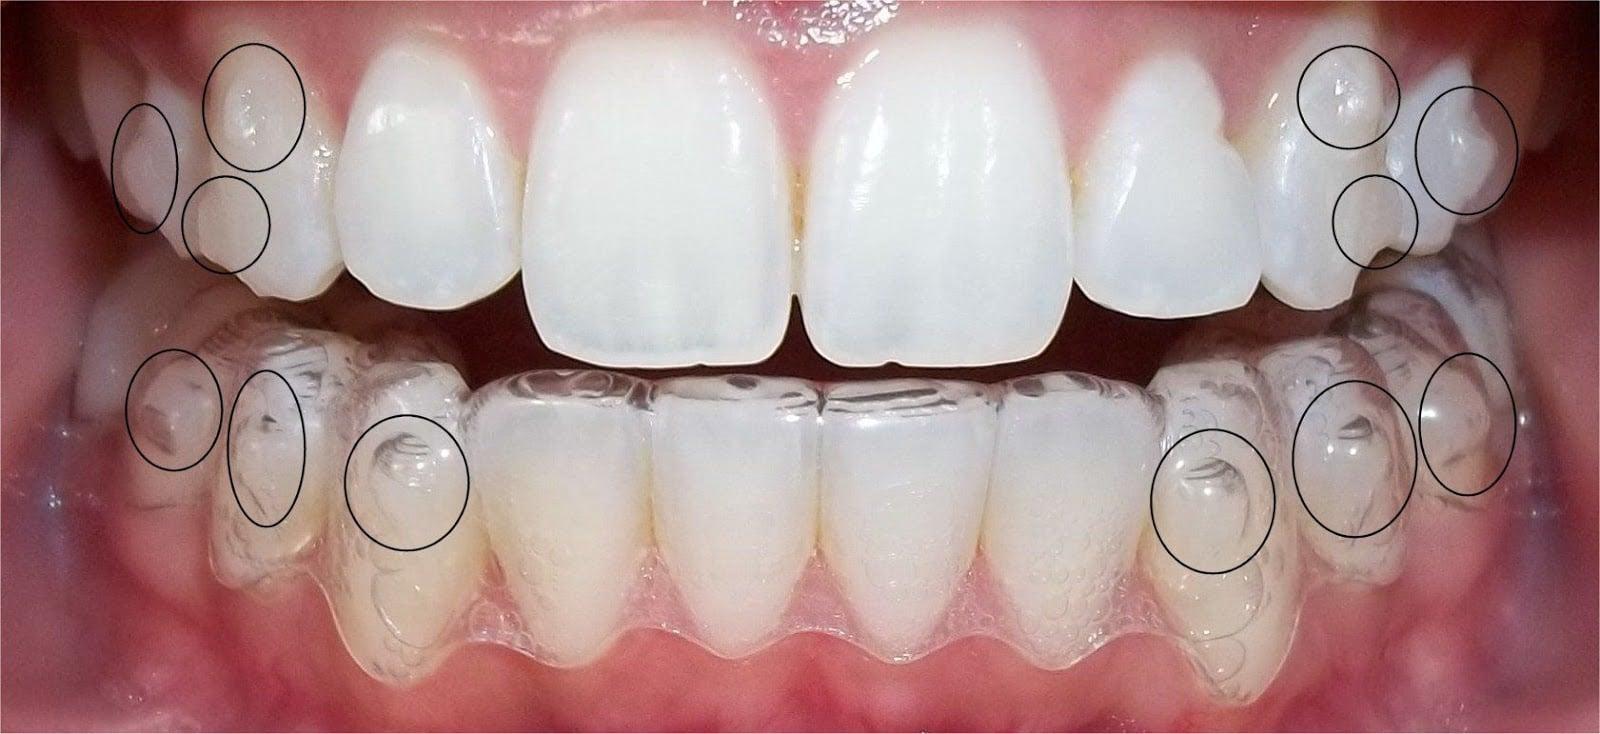 Dịch vụ niềng răng Invisalign TPHCM